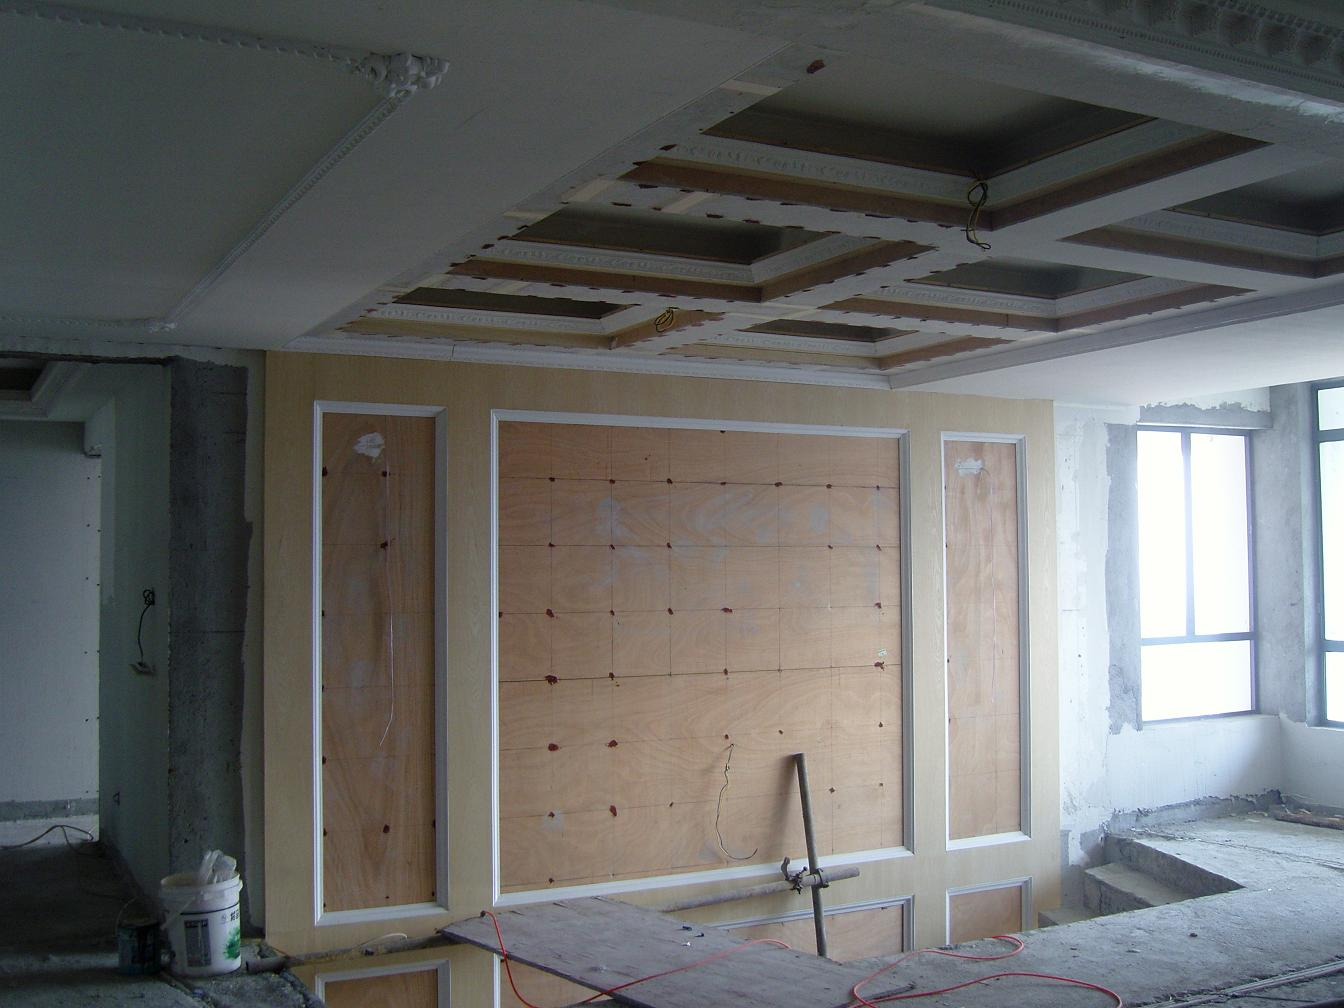 水电路安装旧房粉刷等